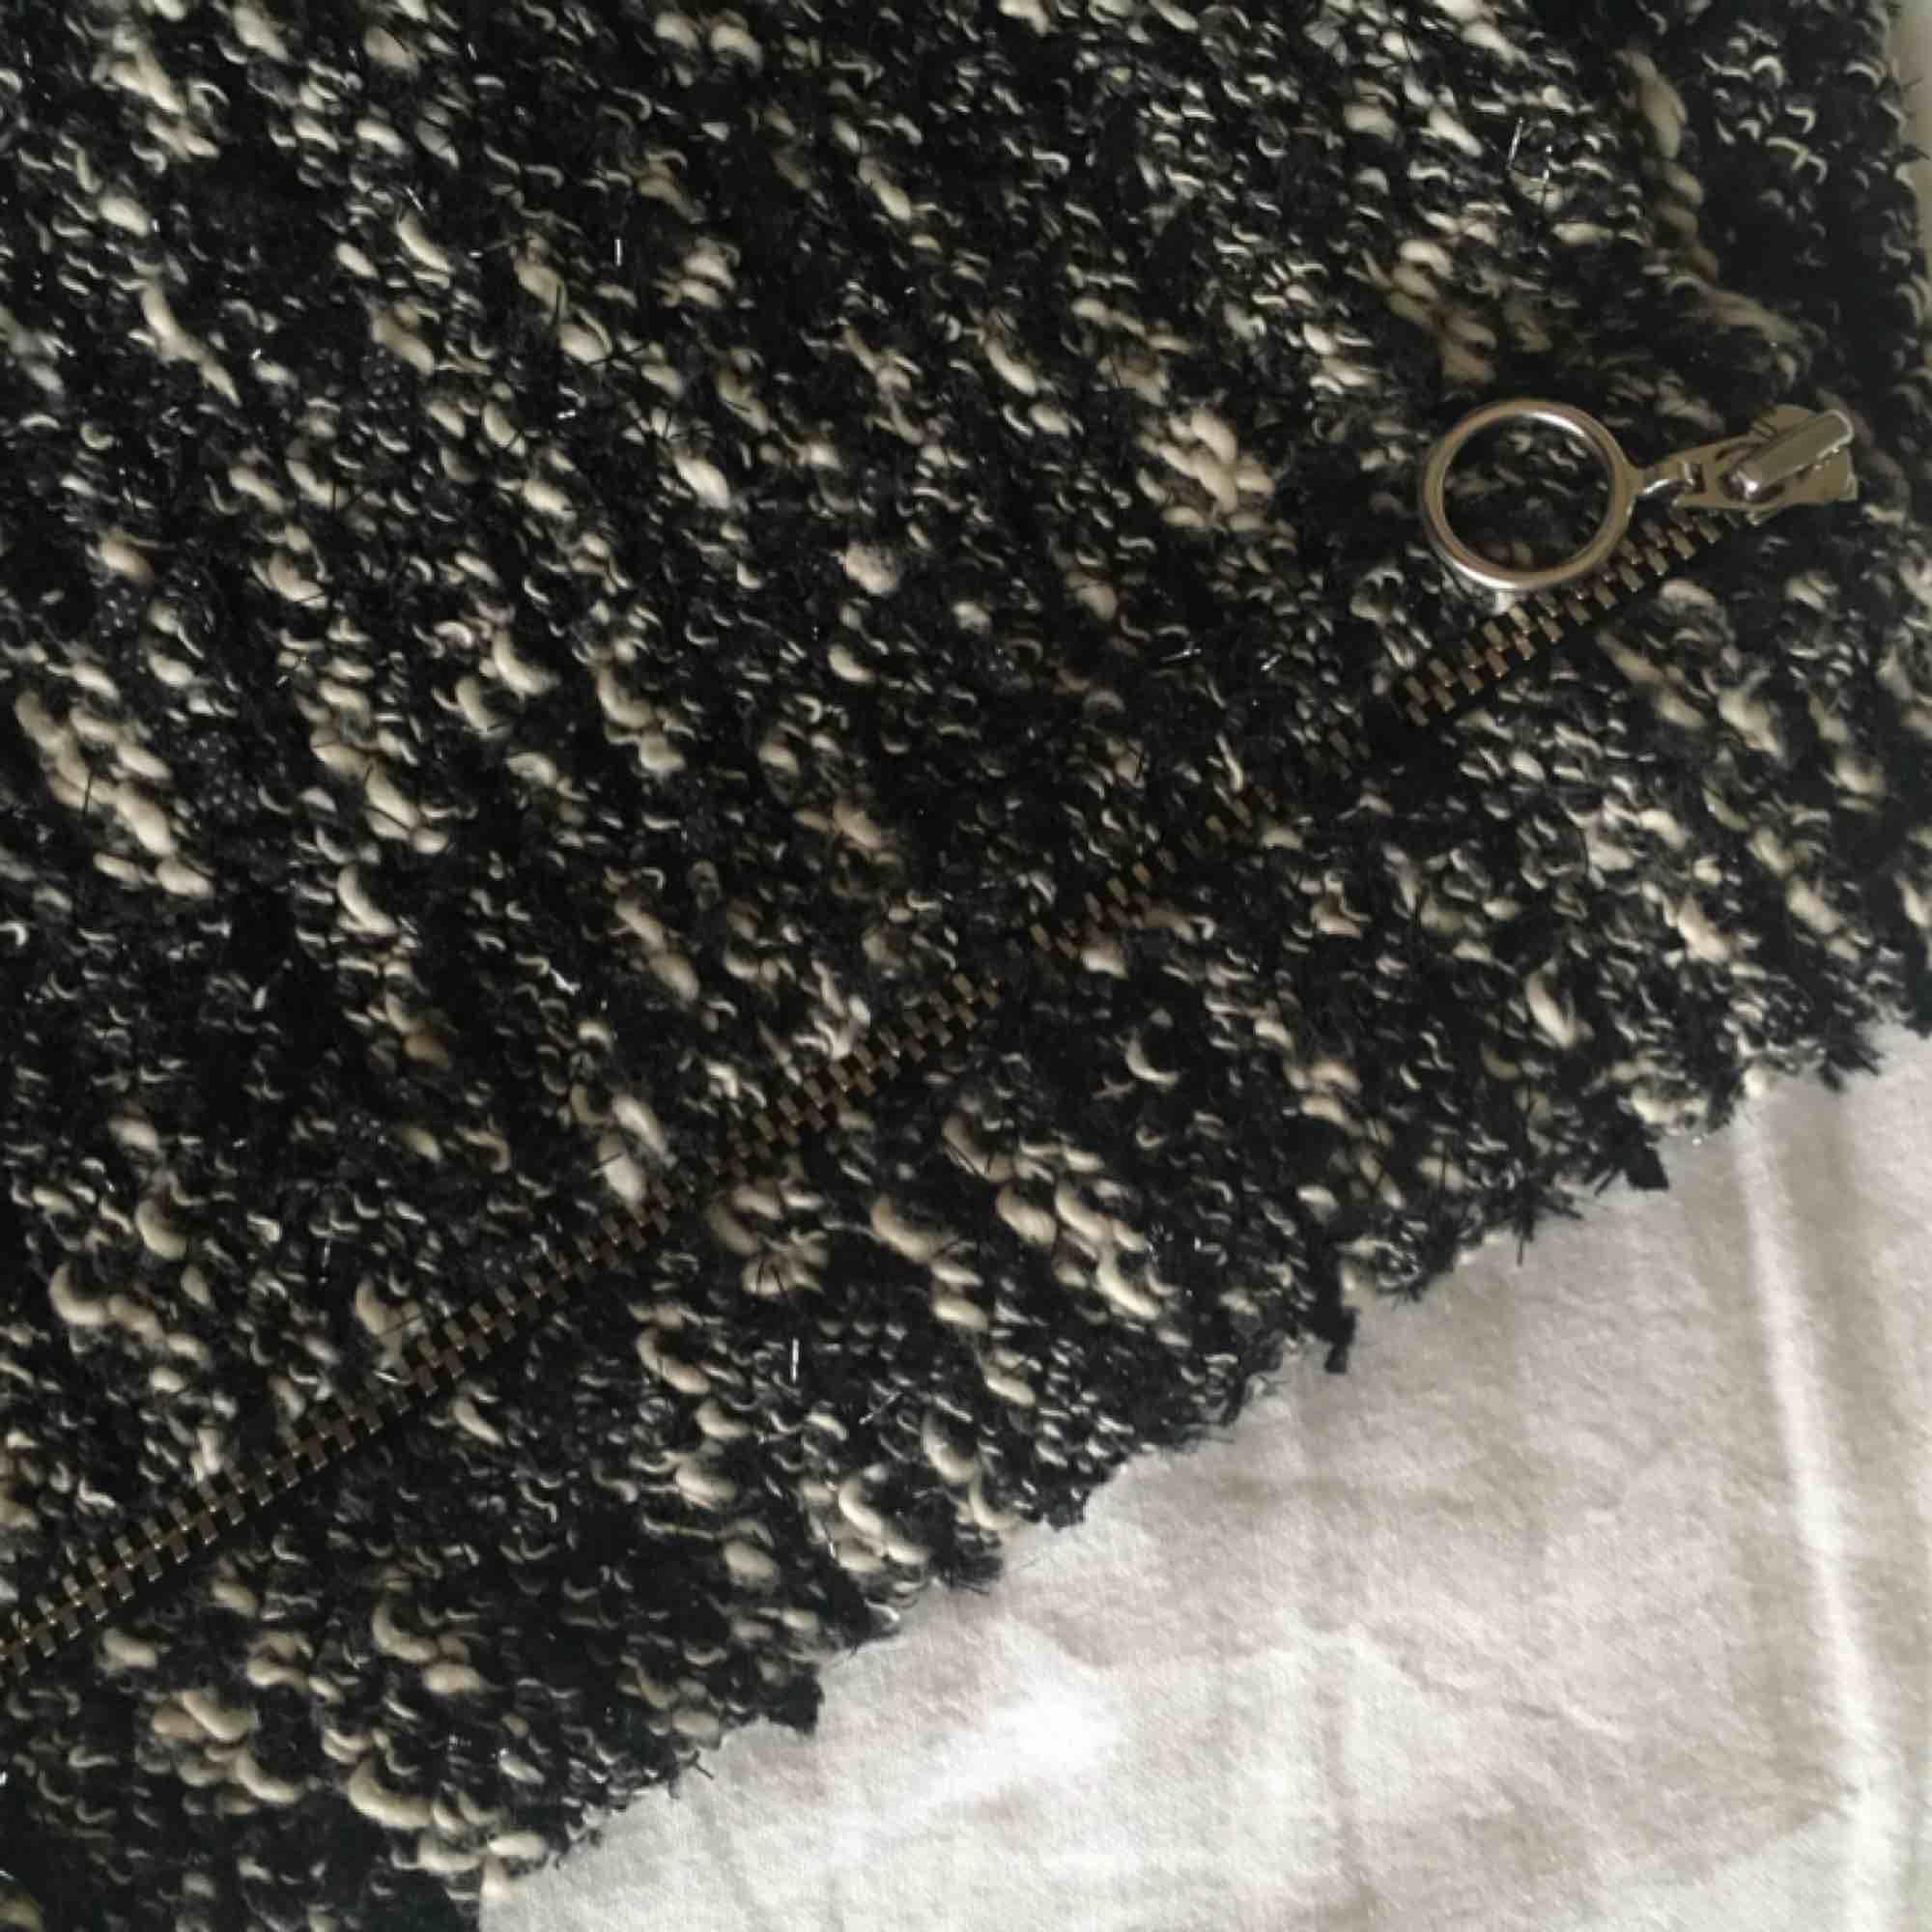 En svartvit mönstrad kjol med lite glitter/blänk i sig. Även en dragkedja på sidan vilket är en fin liten detalj. Endast använd en gång och i väldigt bra skick. Kommer ifrån ZARA. OBS! Notera att totalpriset är 118kr då frakten är 18kr.. Kjolar.